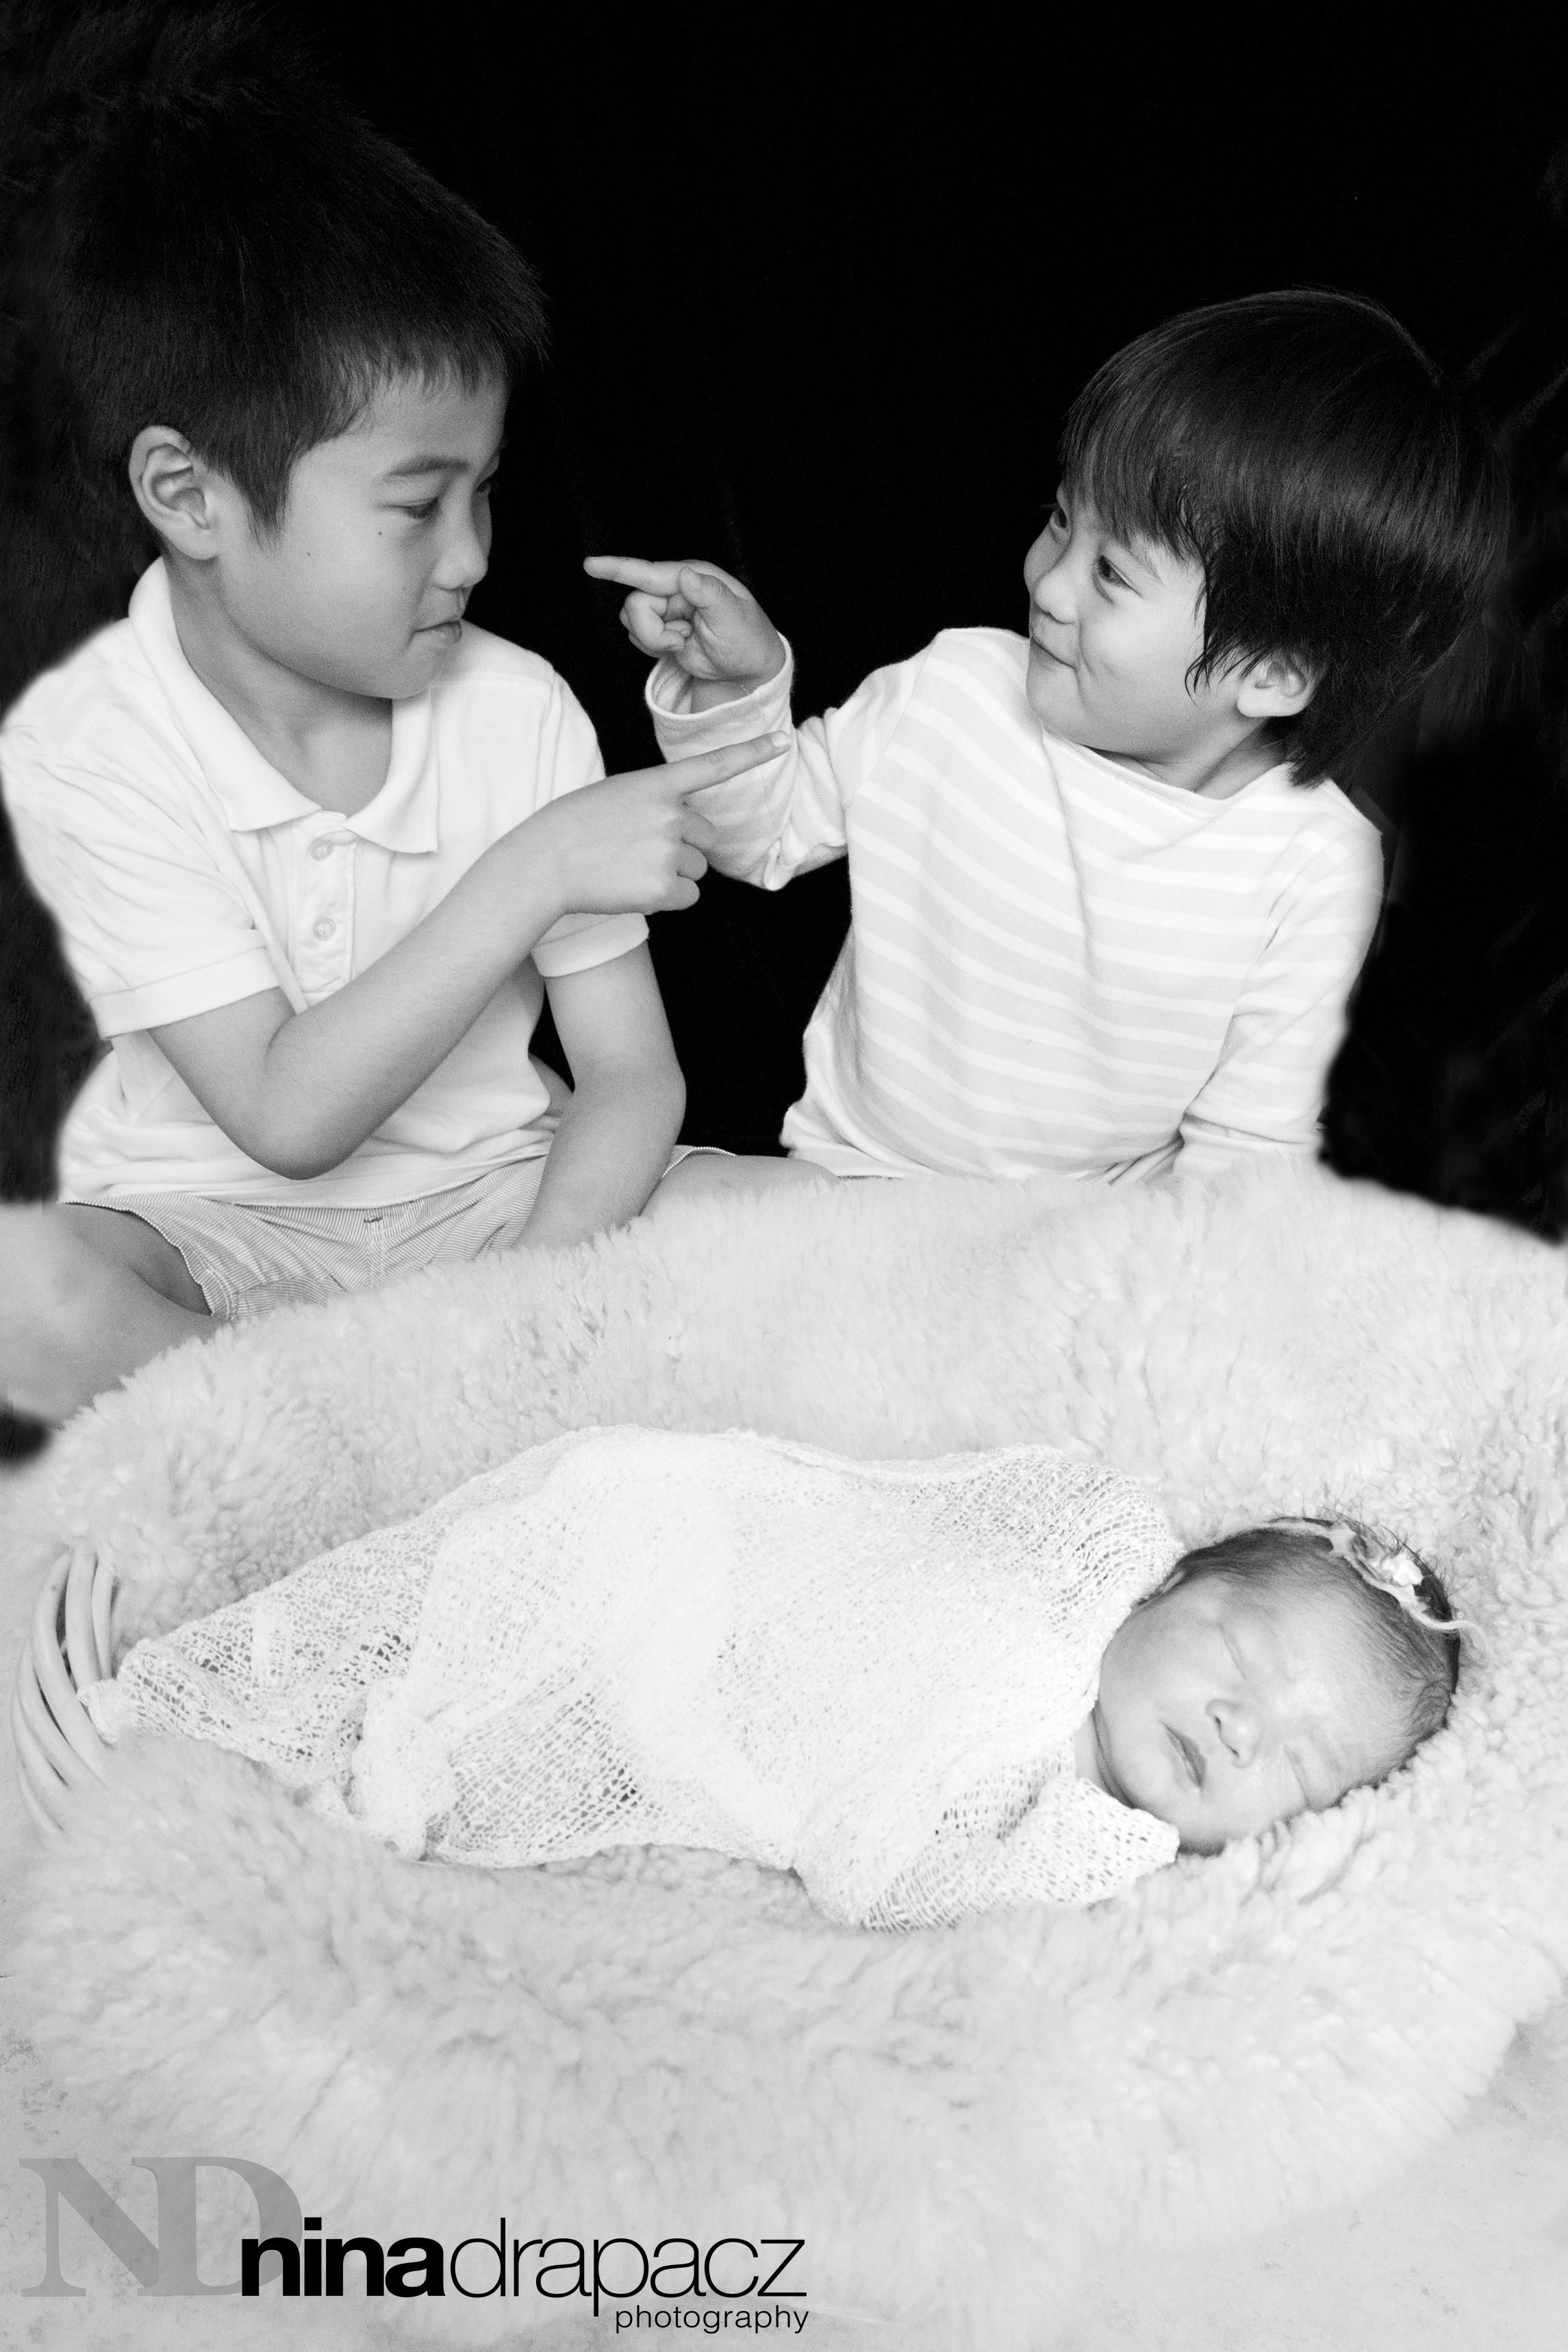 brothersandbaby.jpg